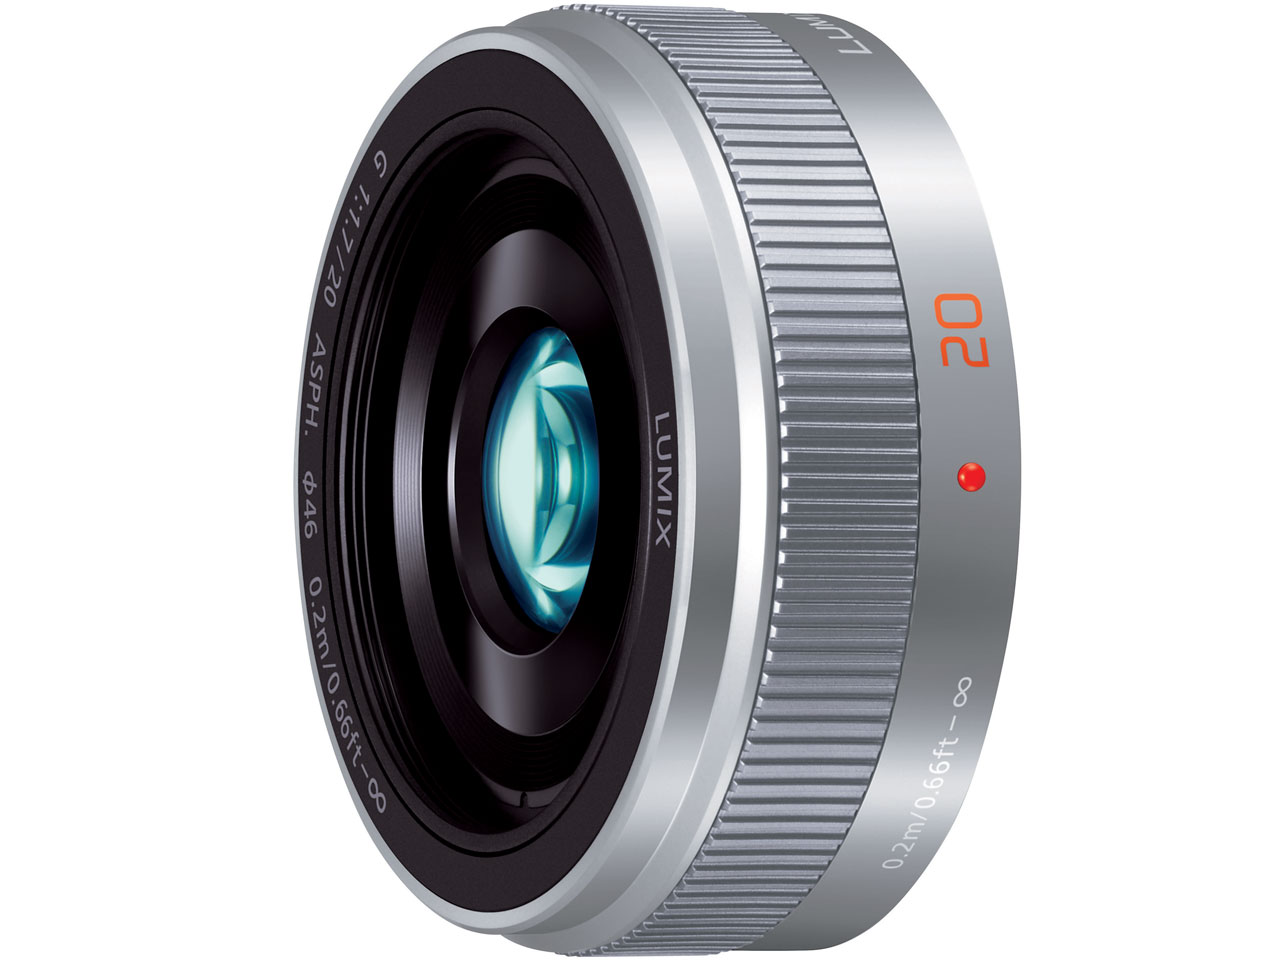 LUMIX G 20mm/F1.7 II ASPH. H-H020A-S [シルバー] の製品画像